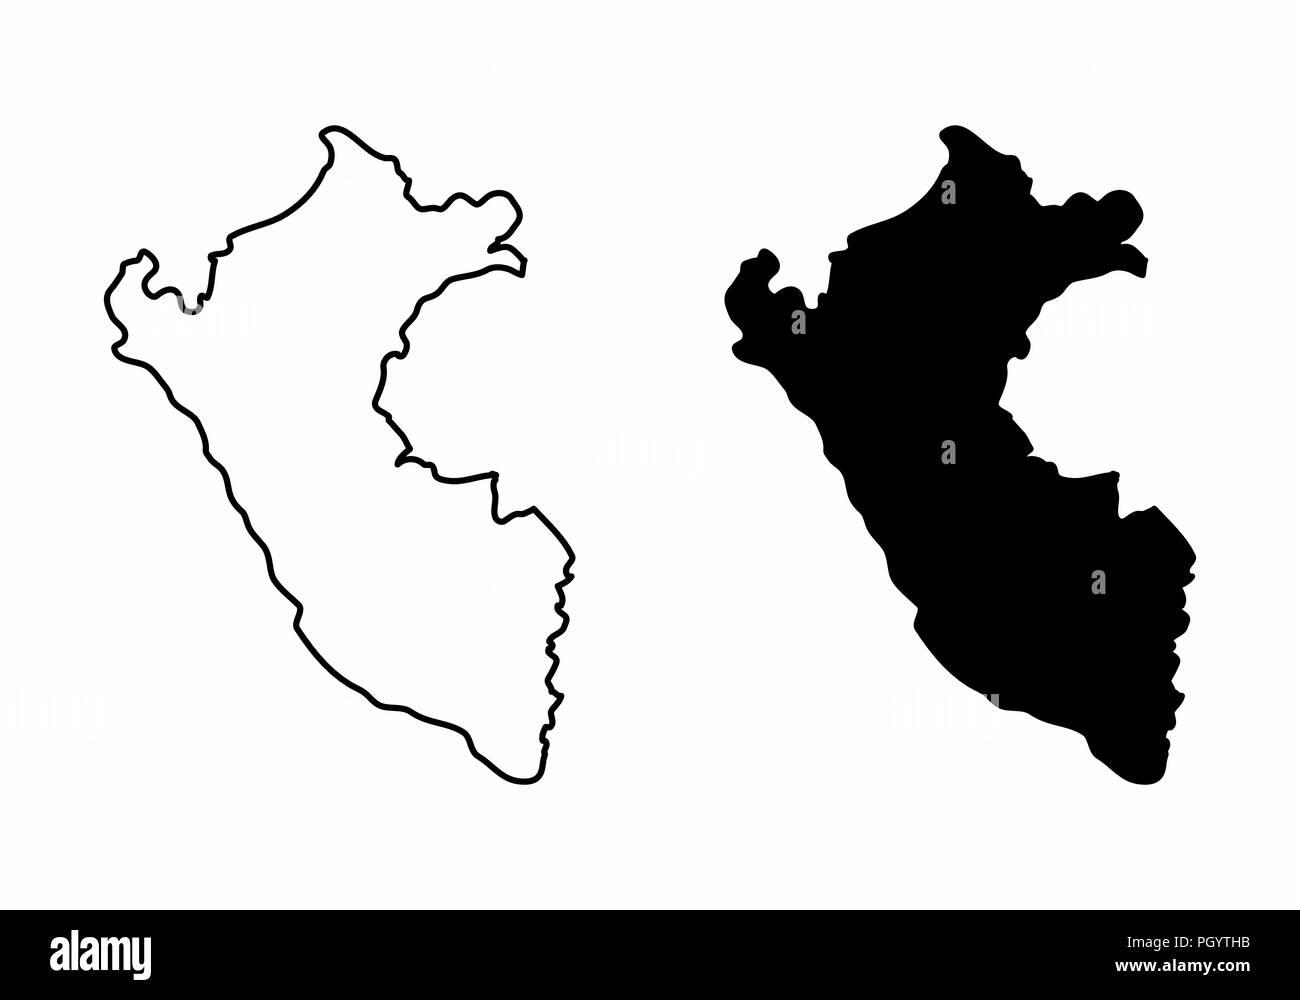 Peru Karte Umriss.Vereinfachte Karten Von Peru Schwarze Und Weisse Umrisse